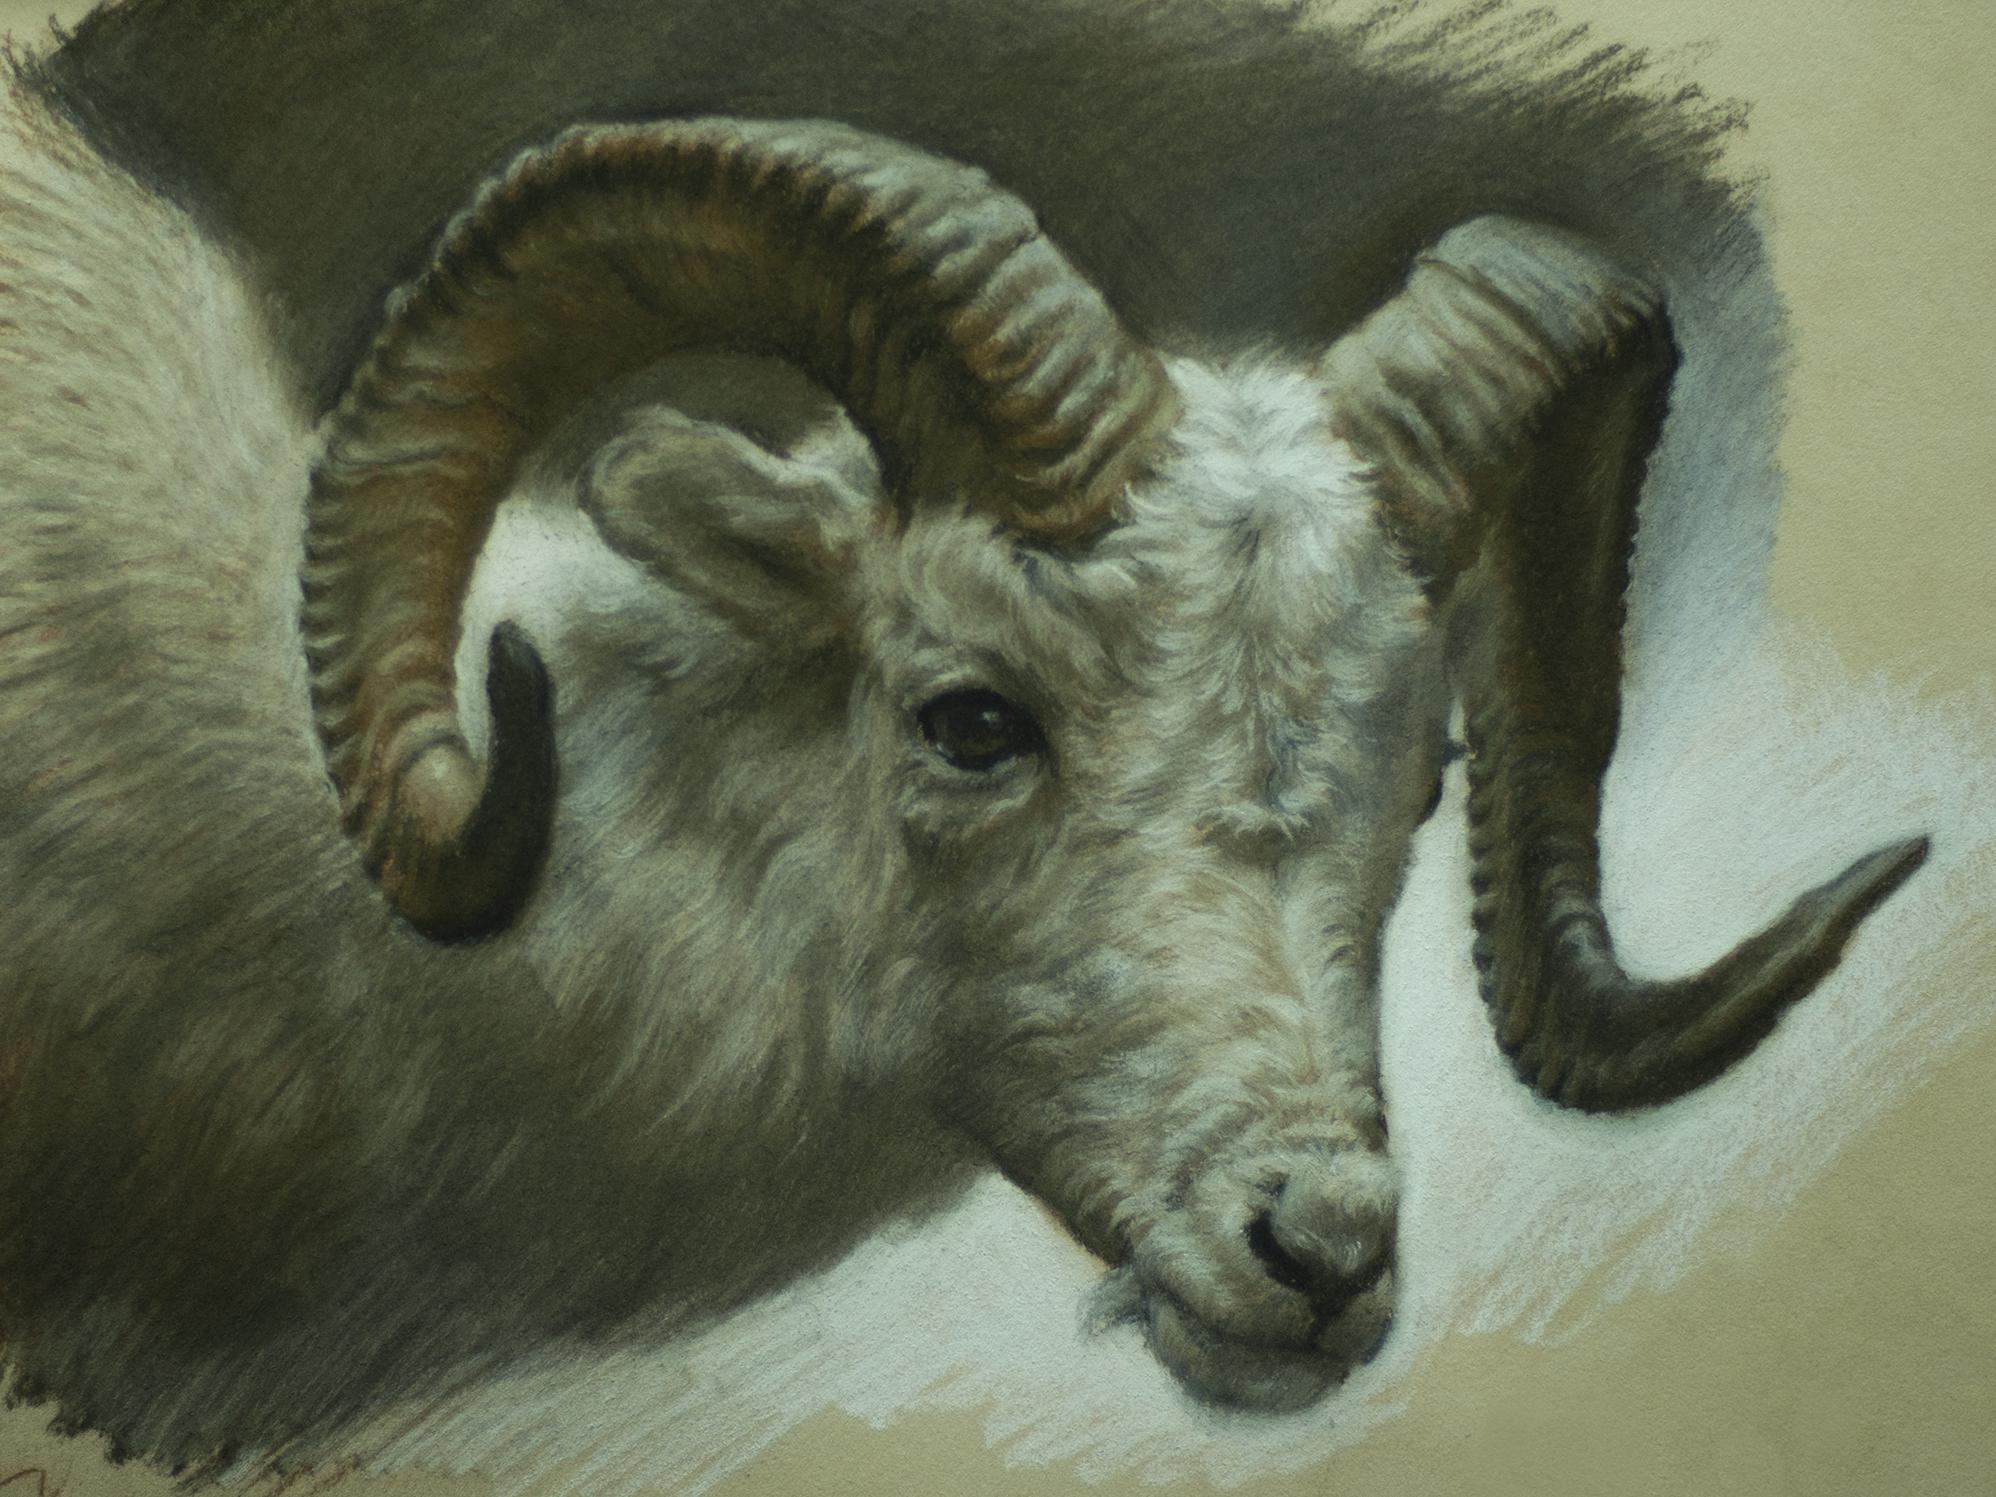 sheeps_head_a_150.jpg